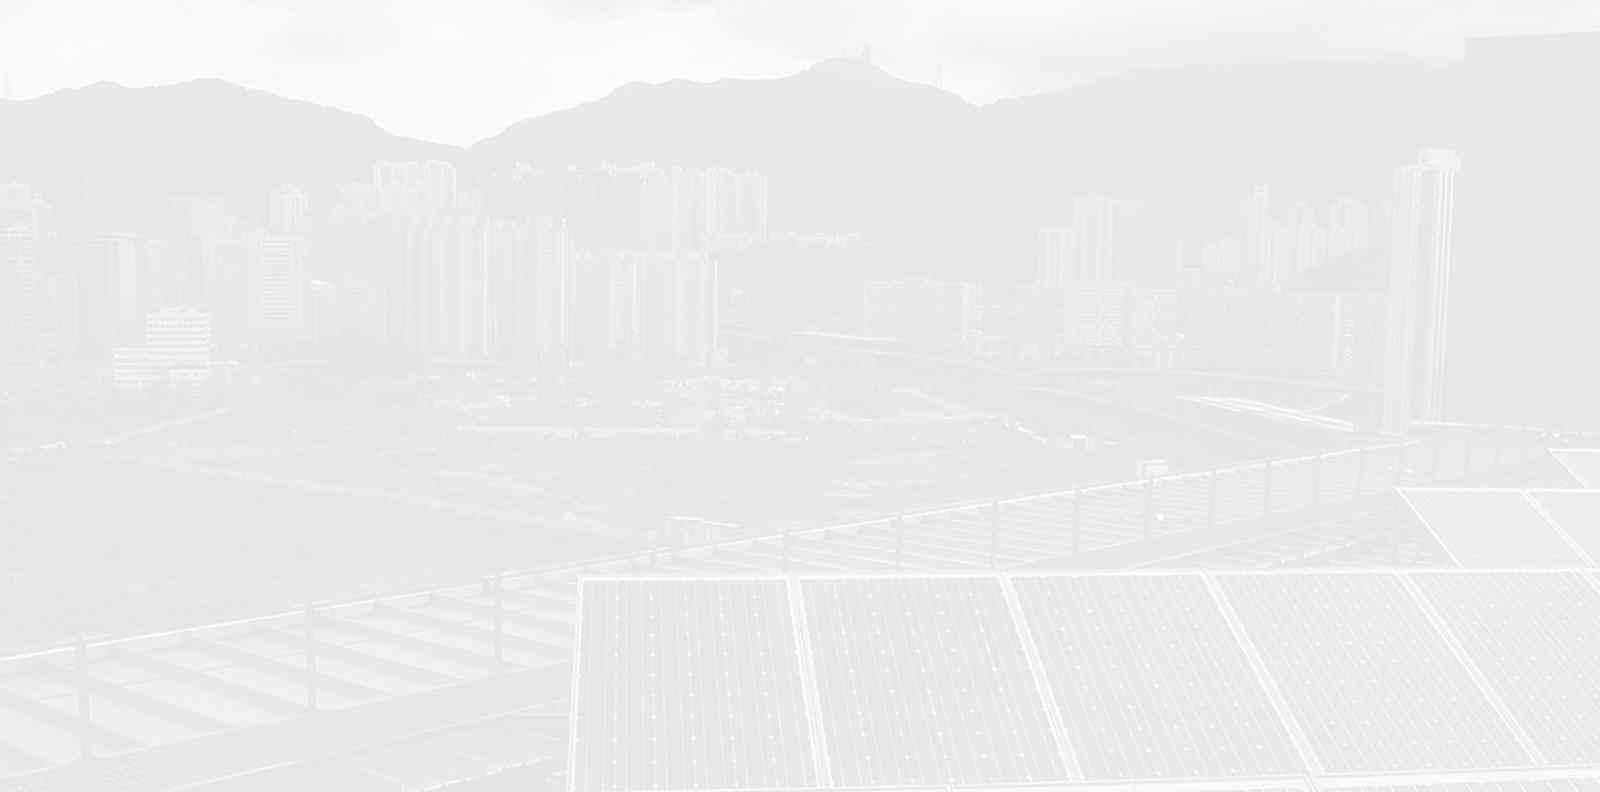 Върху всички обществени сгради в Сеул и милион жилищни ще се появят слънчеви панели